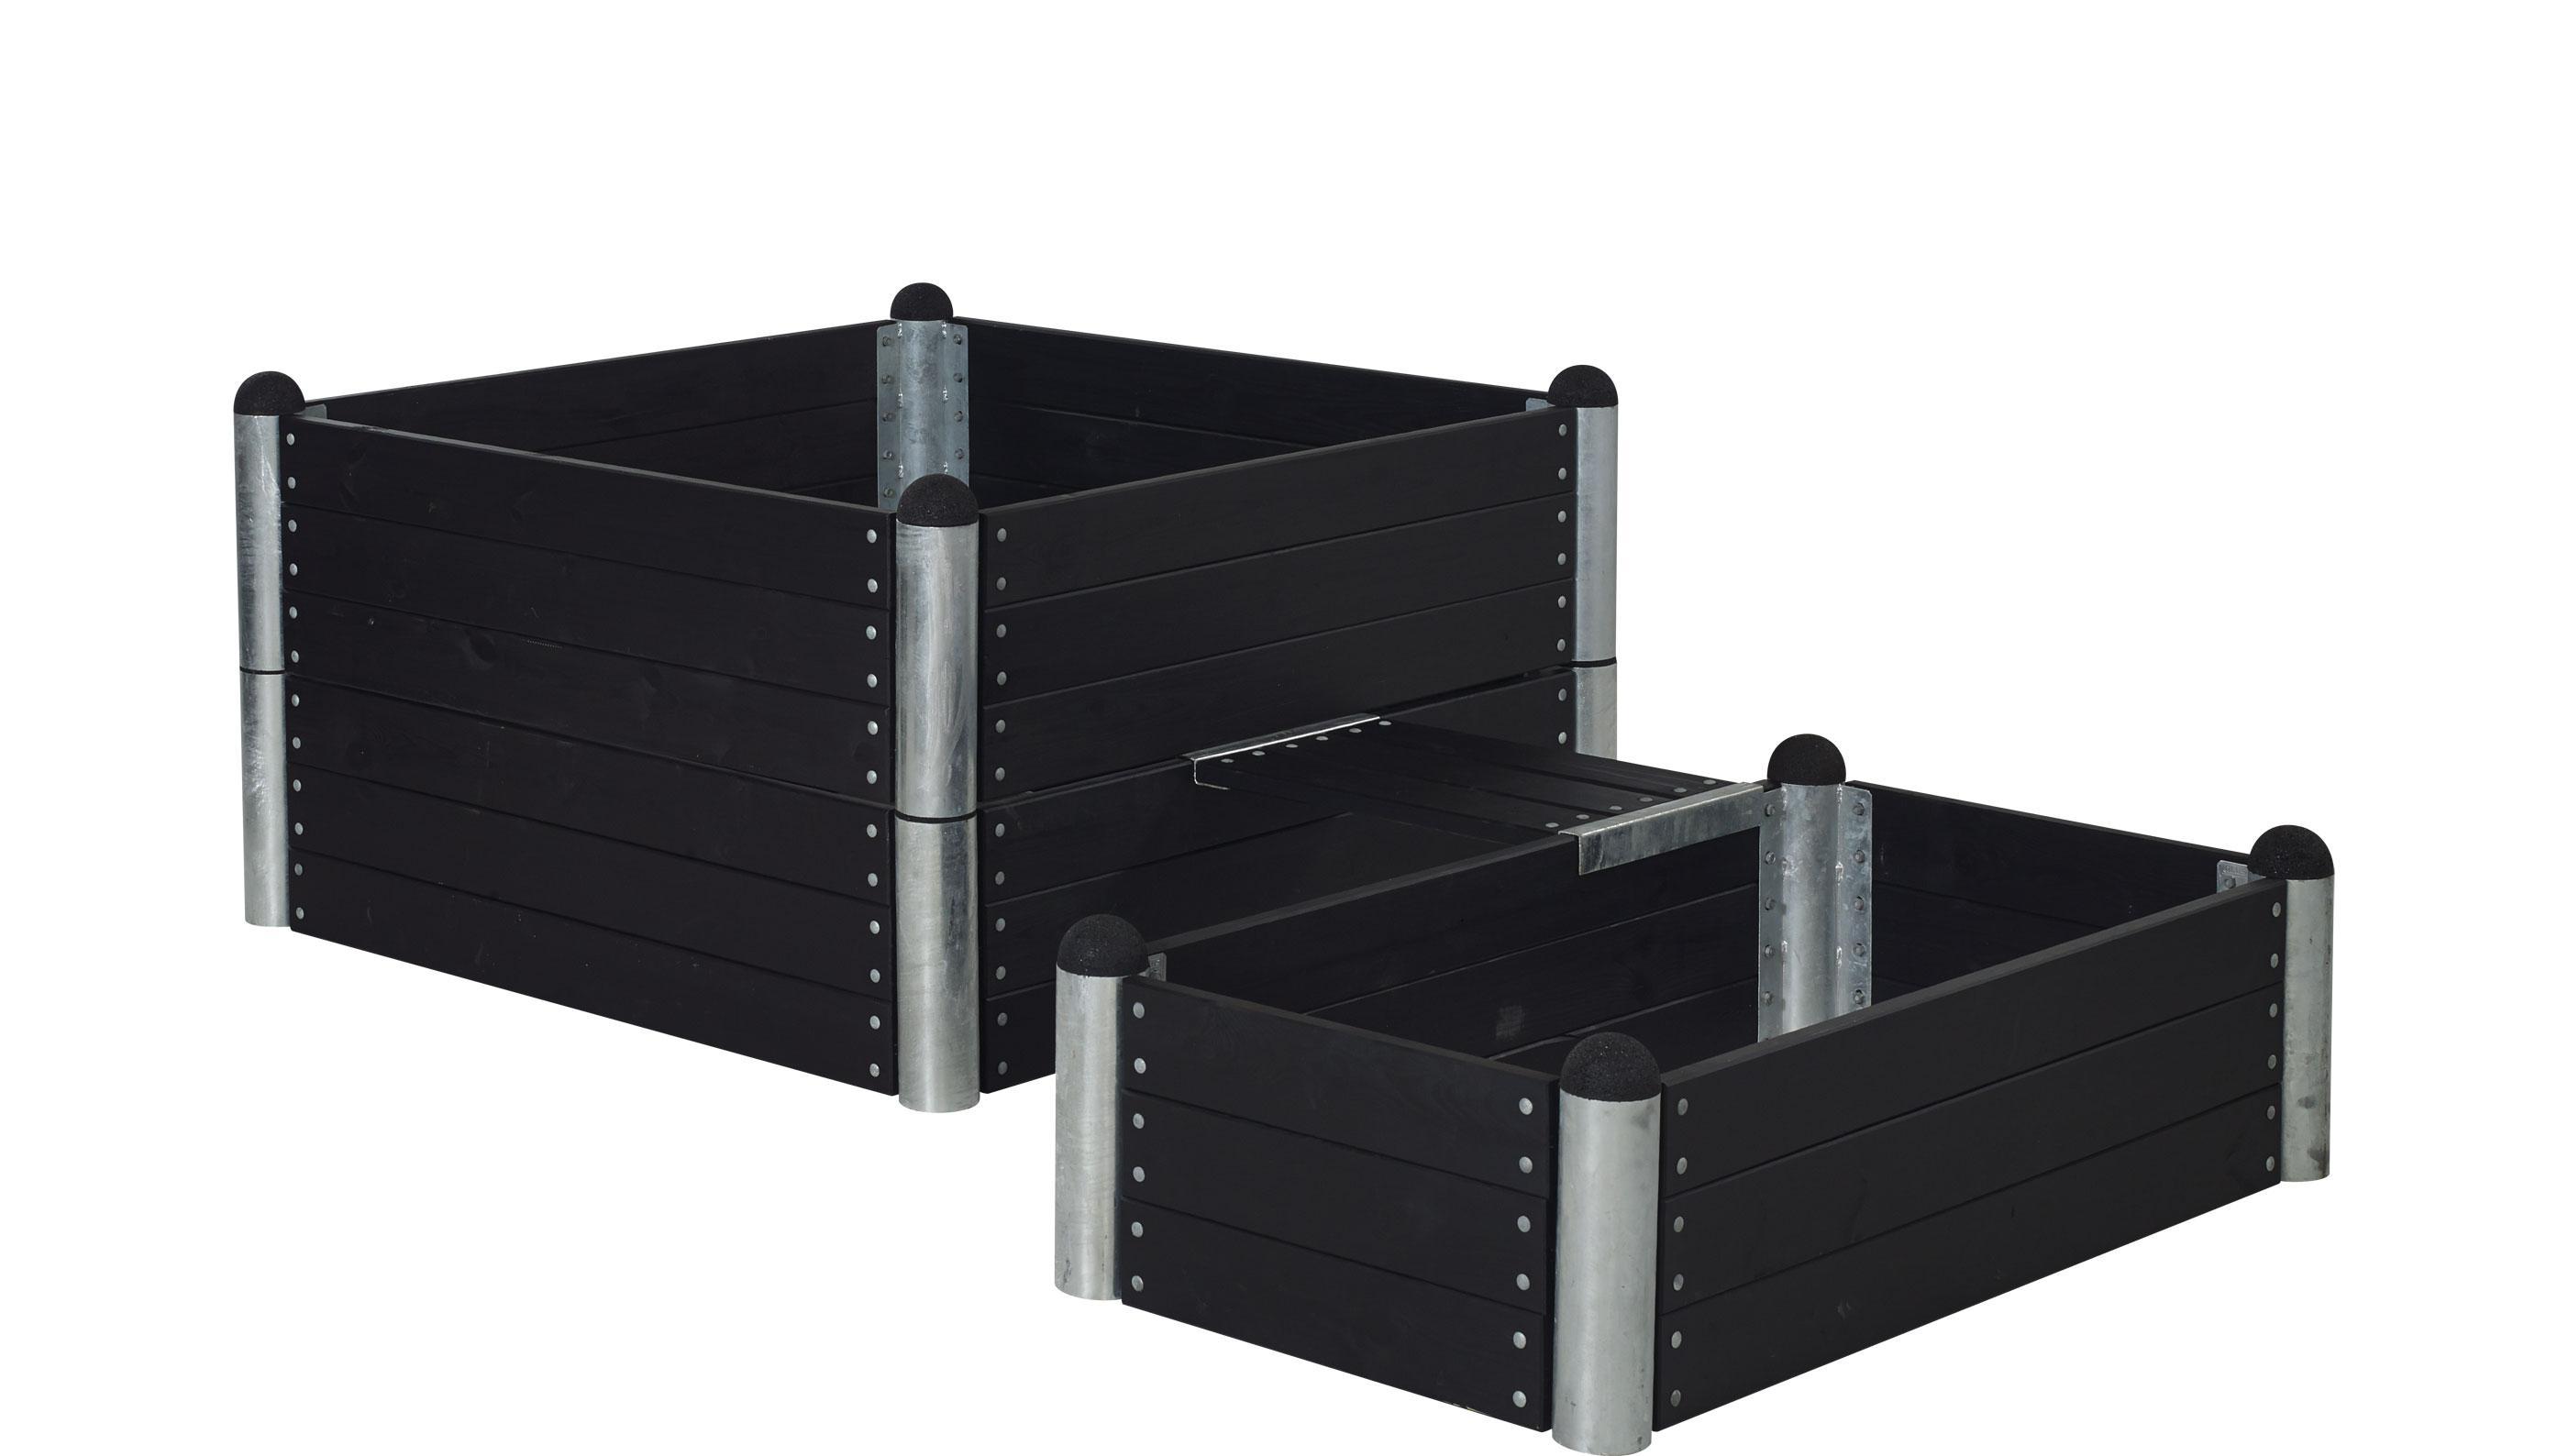 Hochbeet Kombination PIPE14a Plus mit Bank 140x140/80x140cm schwarz Bild 1